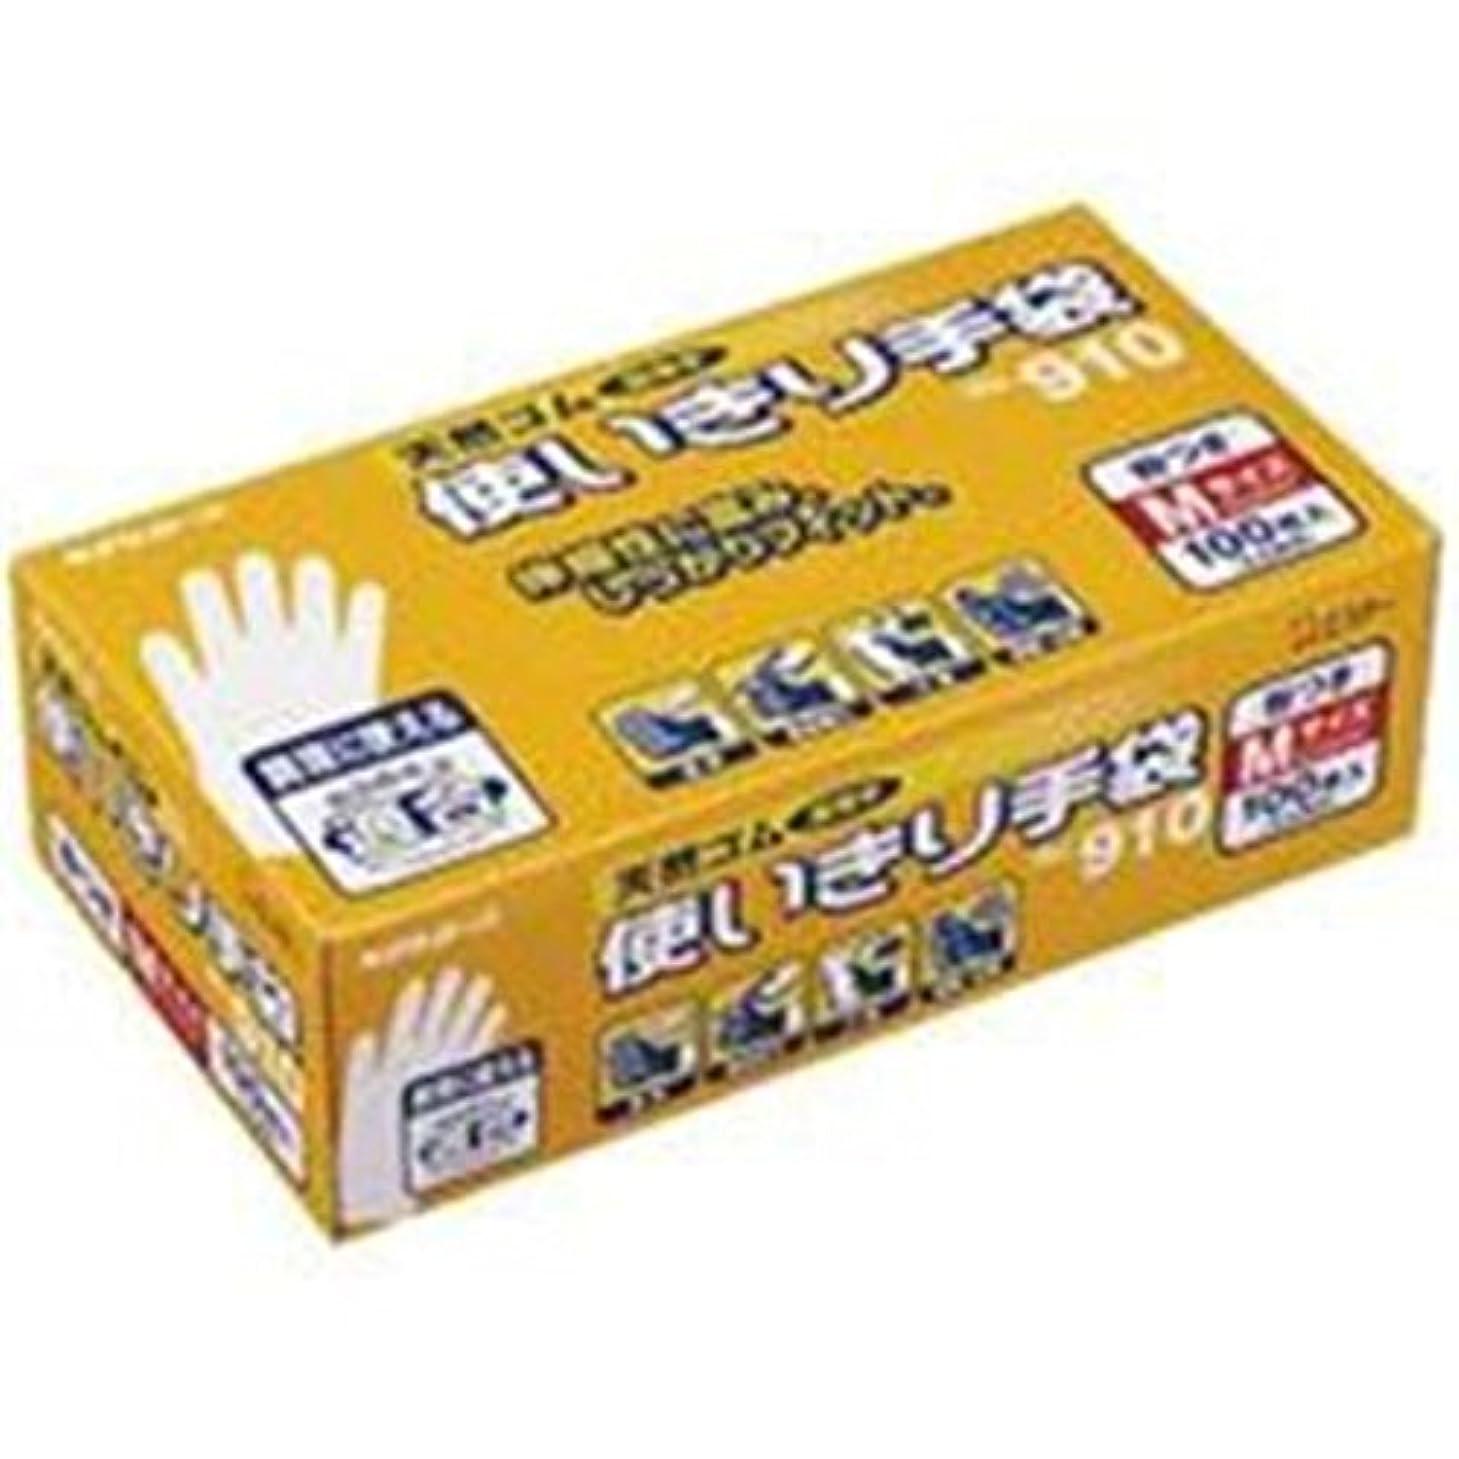 複数悪意のある忠実なエステー 天然ゴム使い切り手袋 No.910 M 12箱